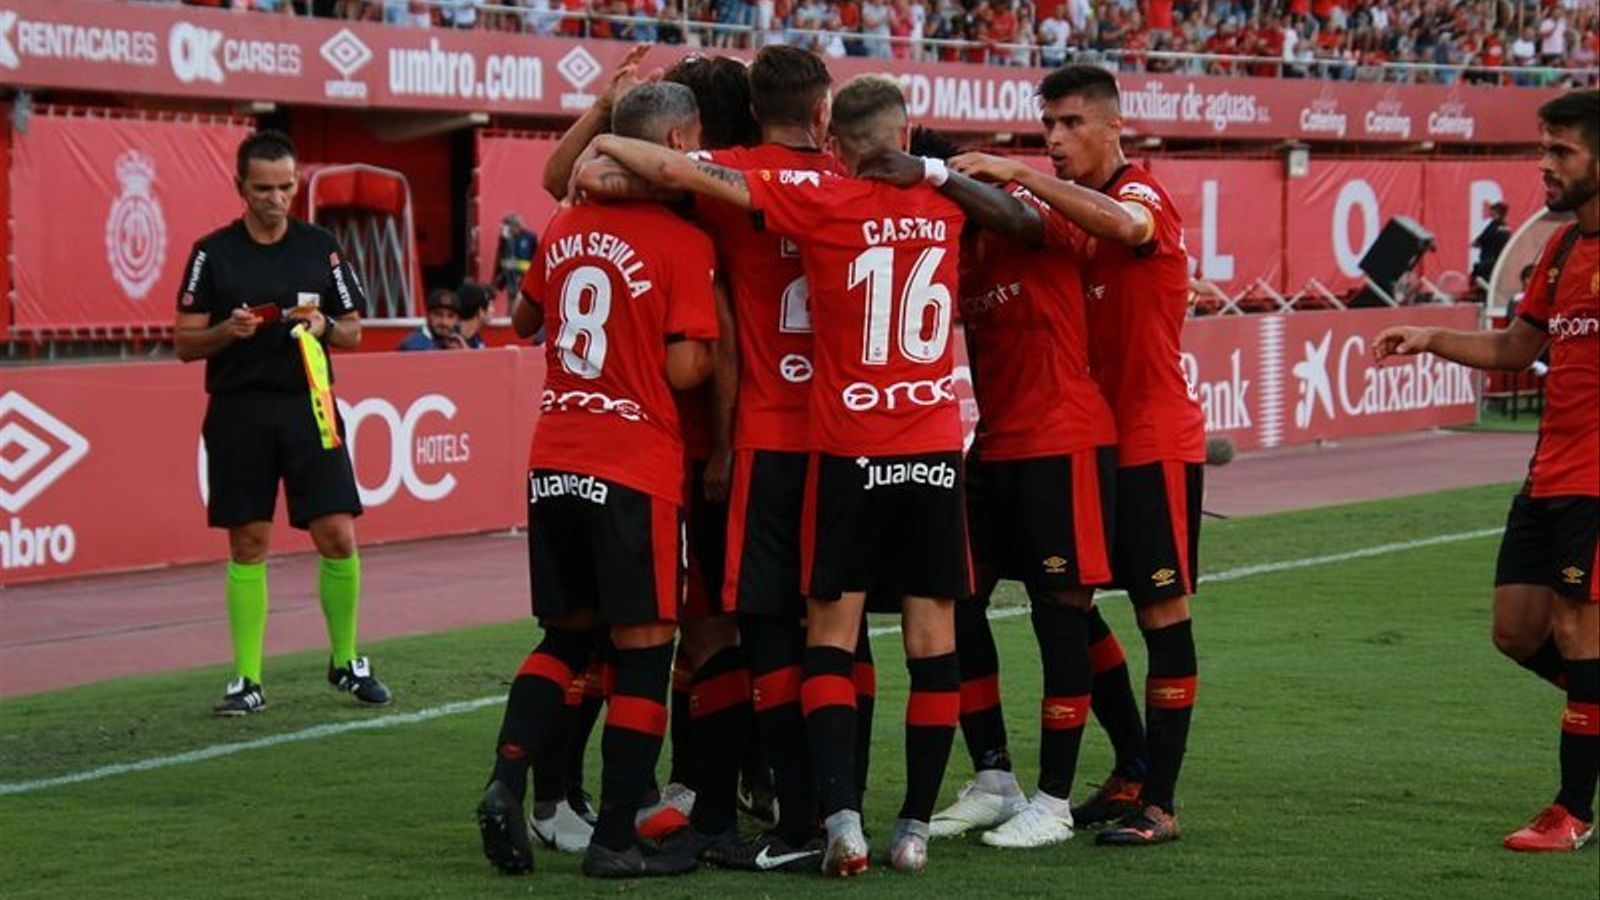 El Mallorca celebra el gol d'Abdon contra l'Osasuna